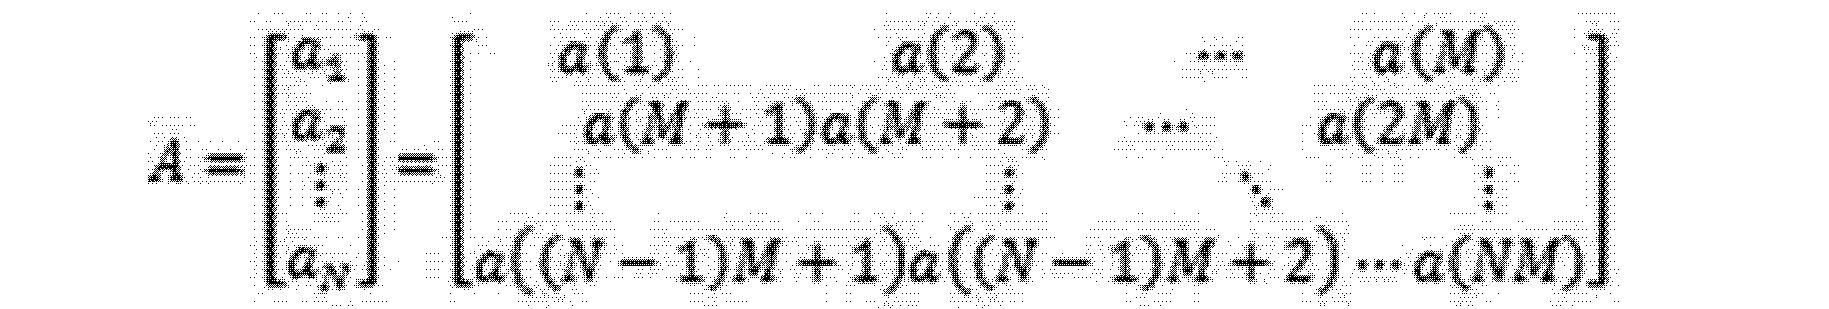 Figure CN103268765AC00032